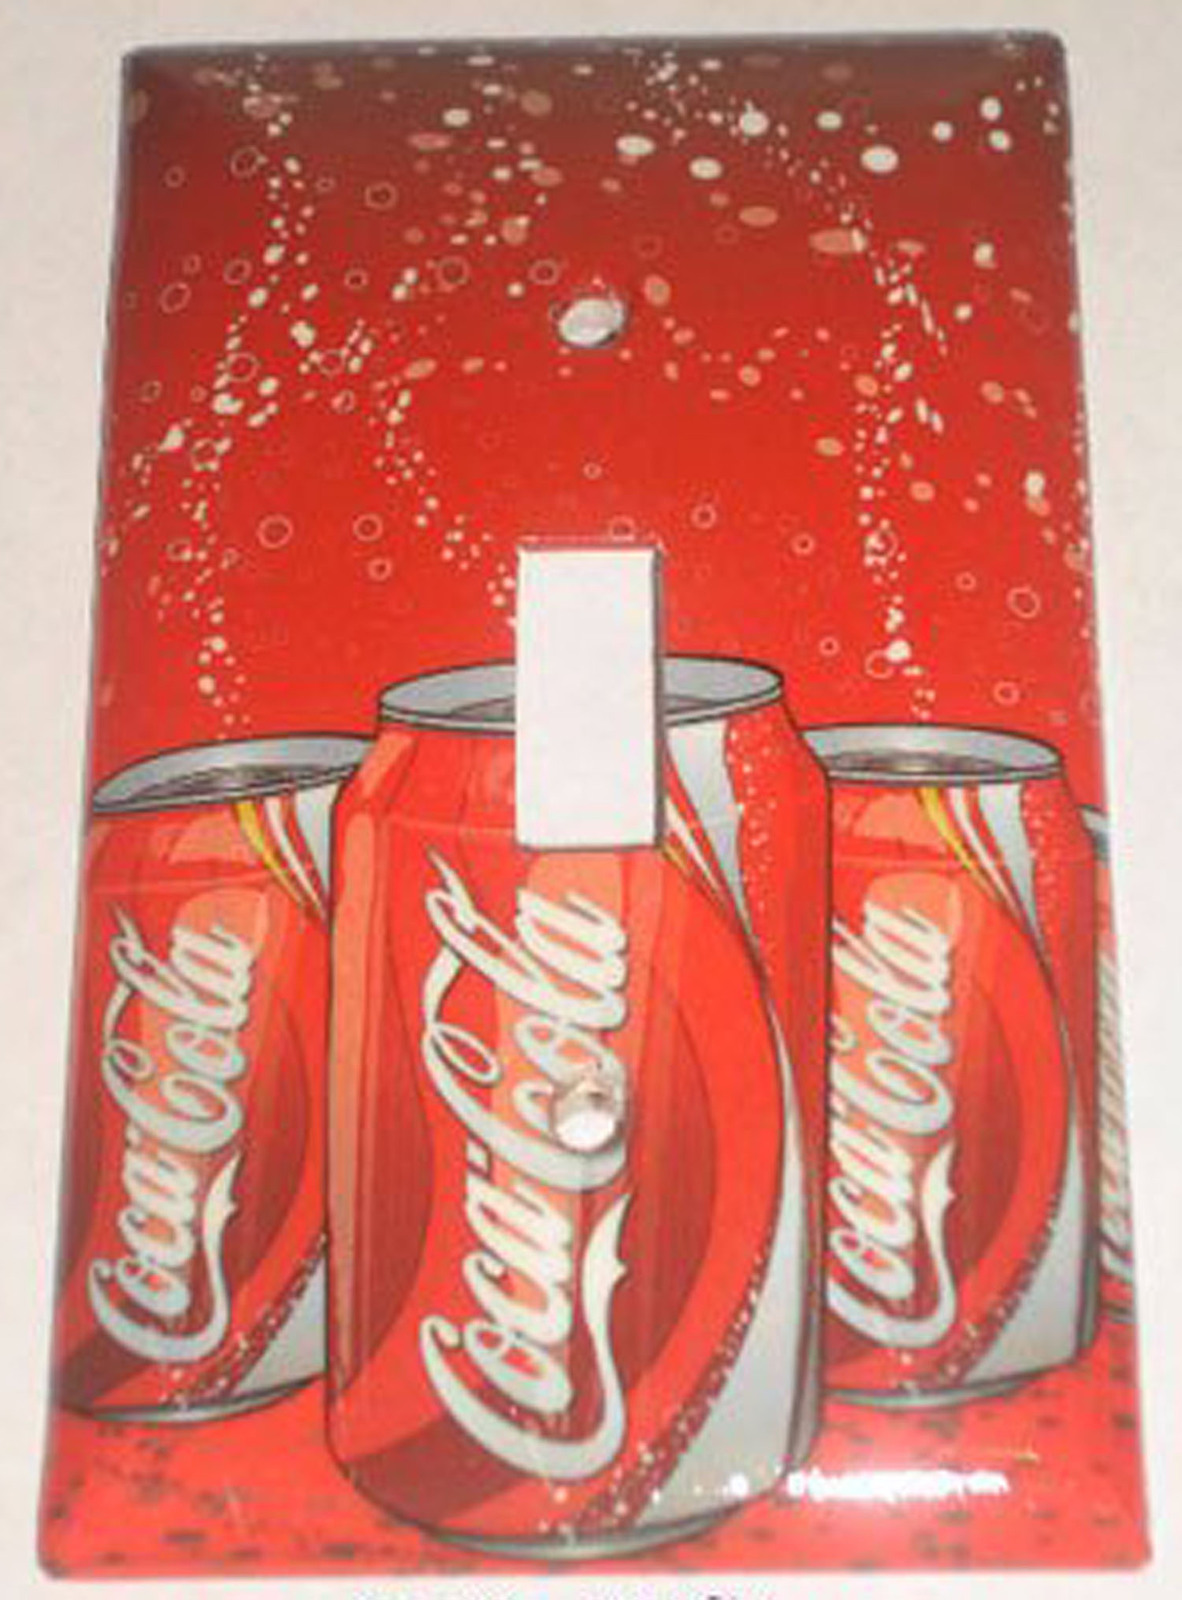 Coke cans toggle single